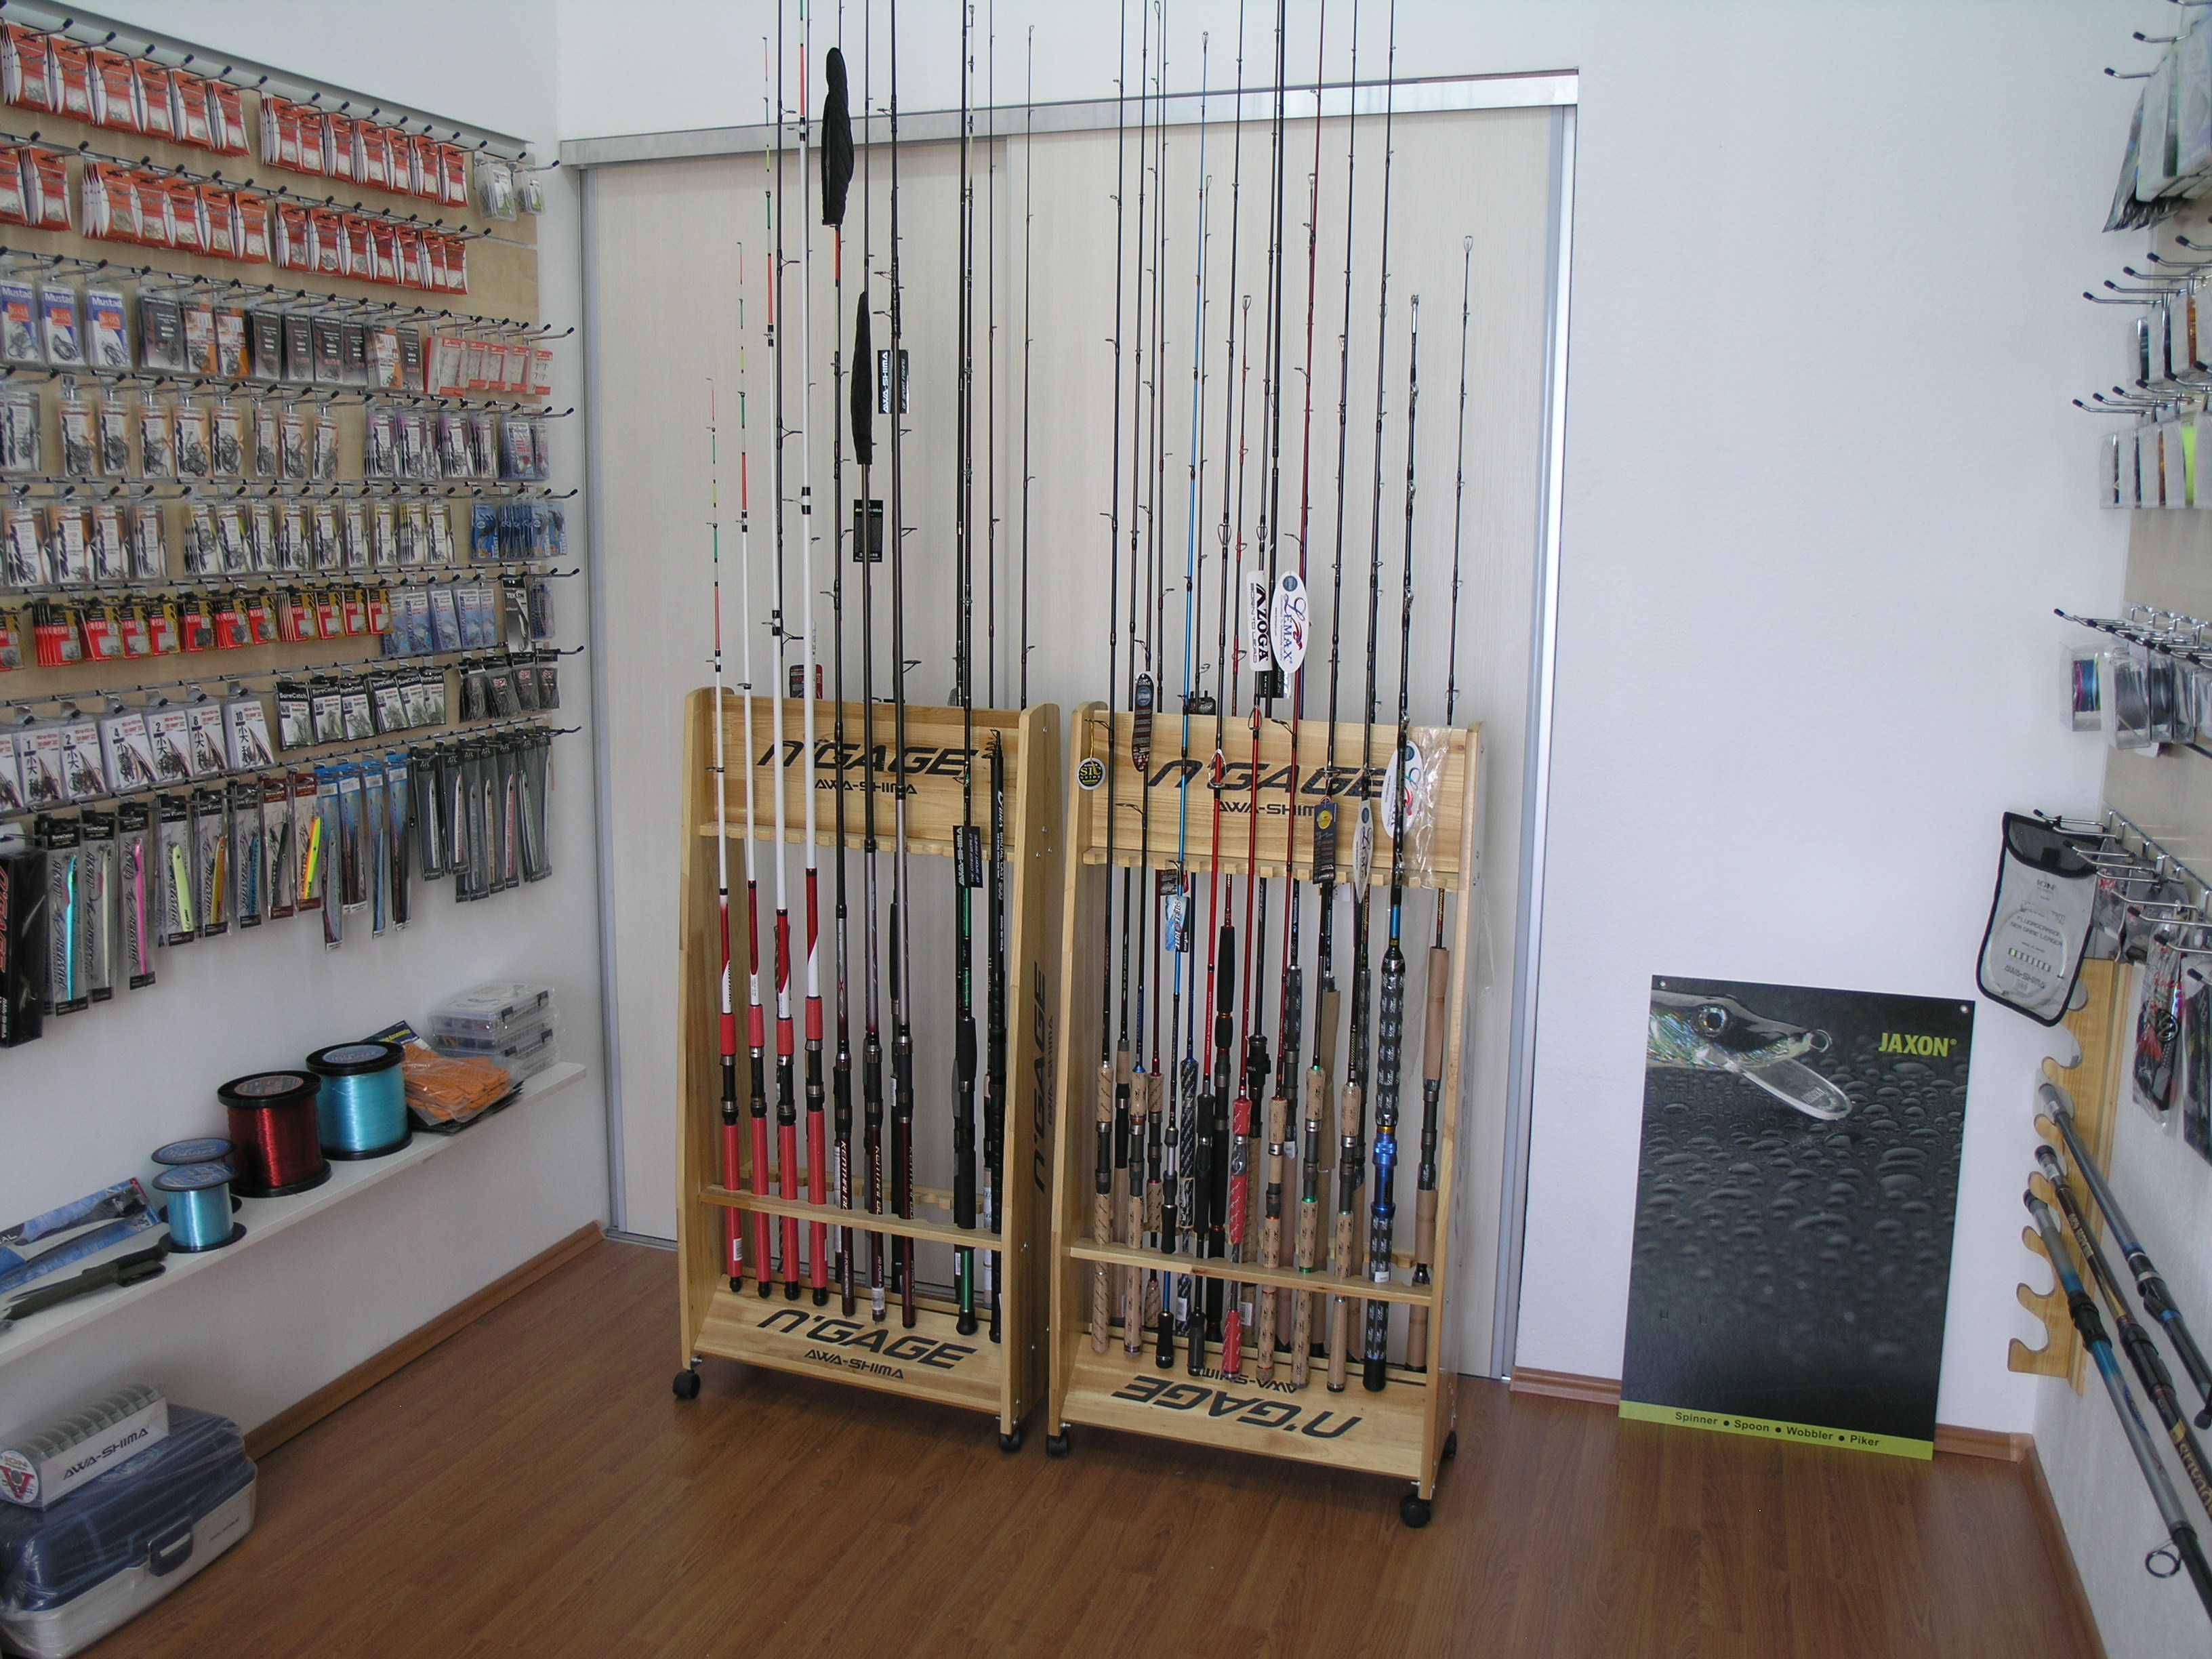 izlozbeni-salon-sportski-ribolov-d.o.o.-skladiste